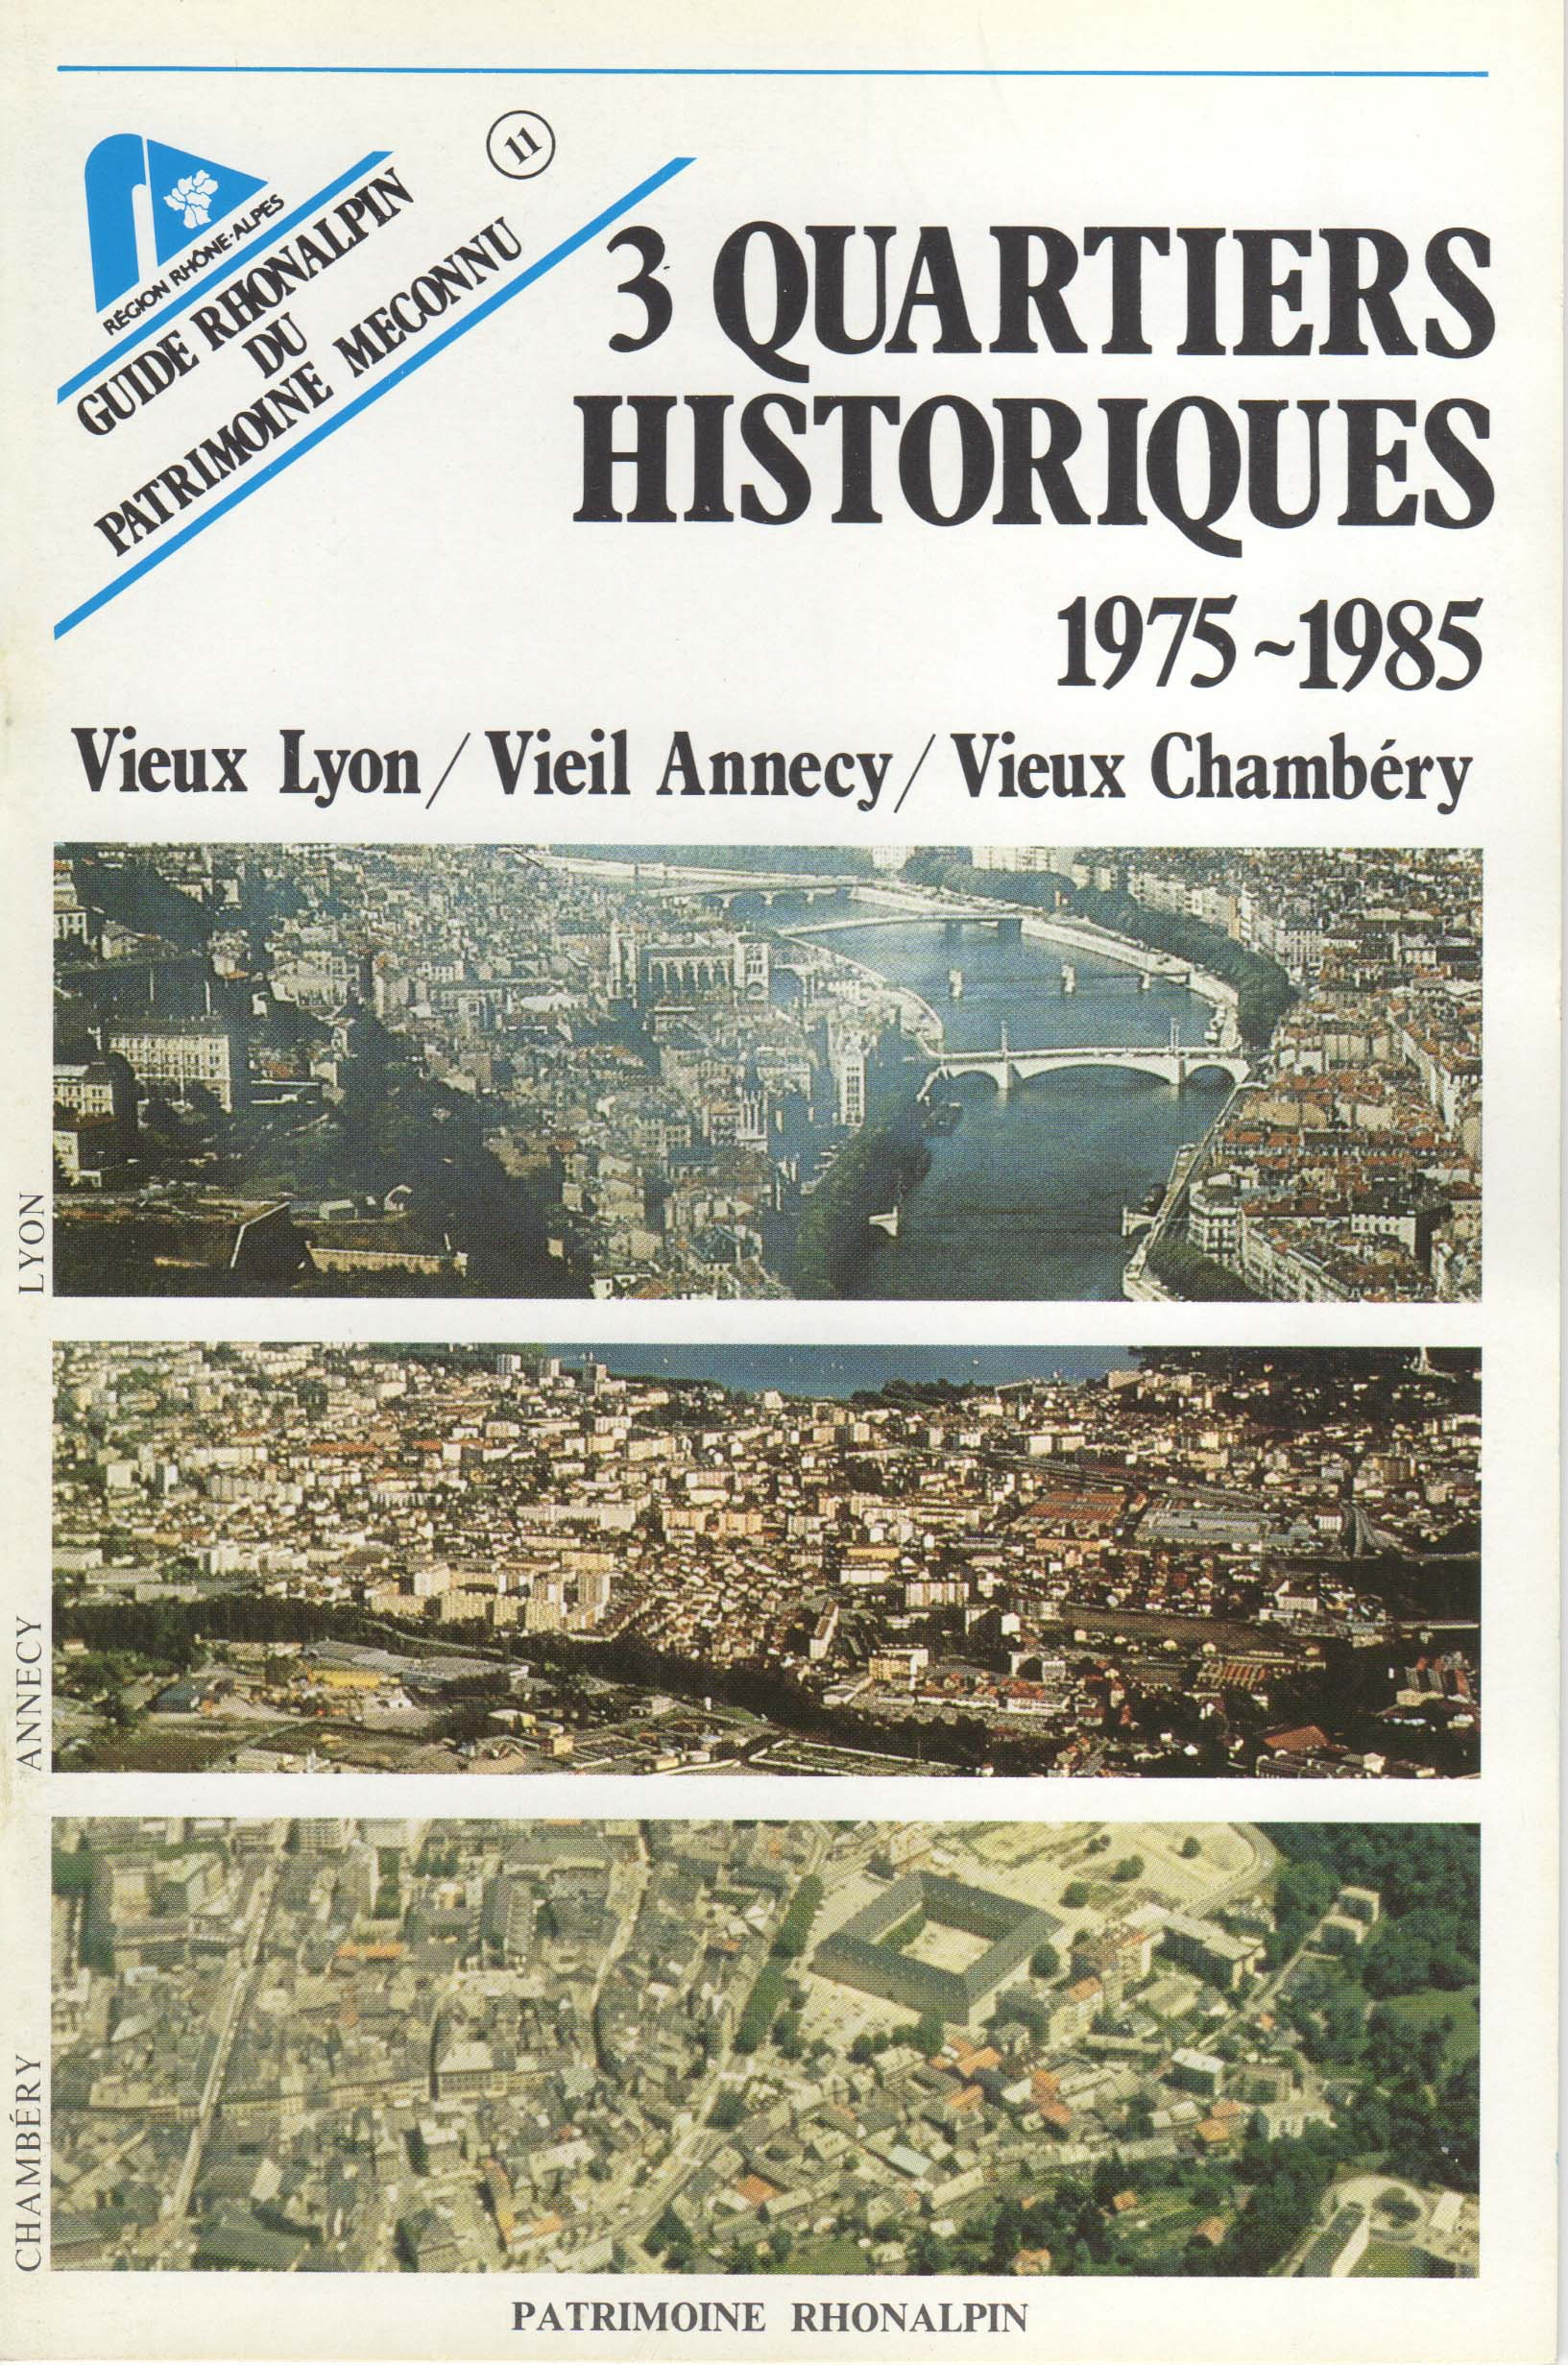 Guide n°11 – 3 quartiers historiques